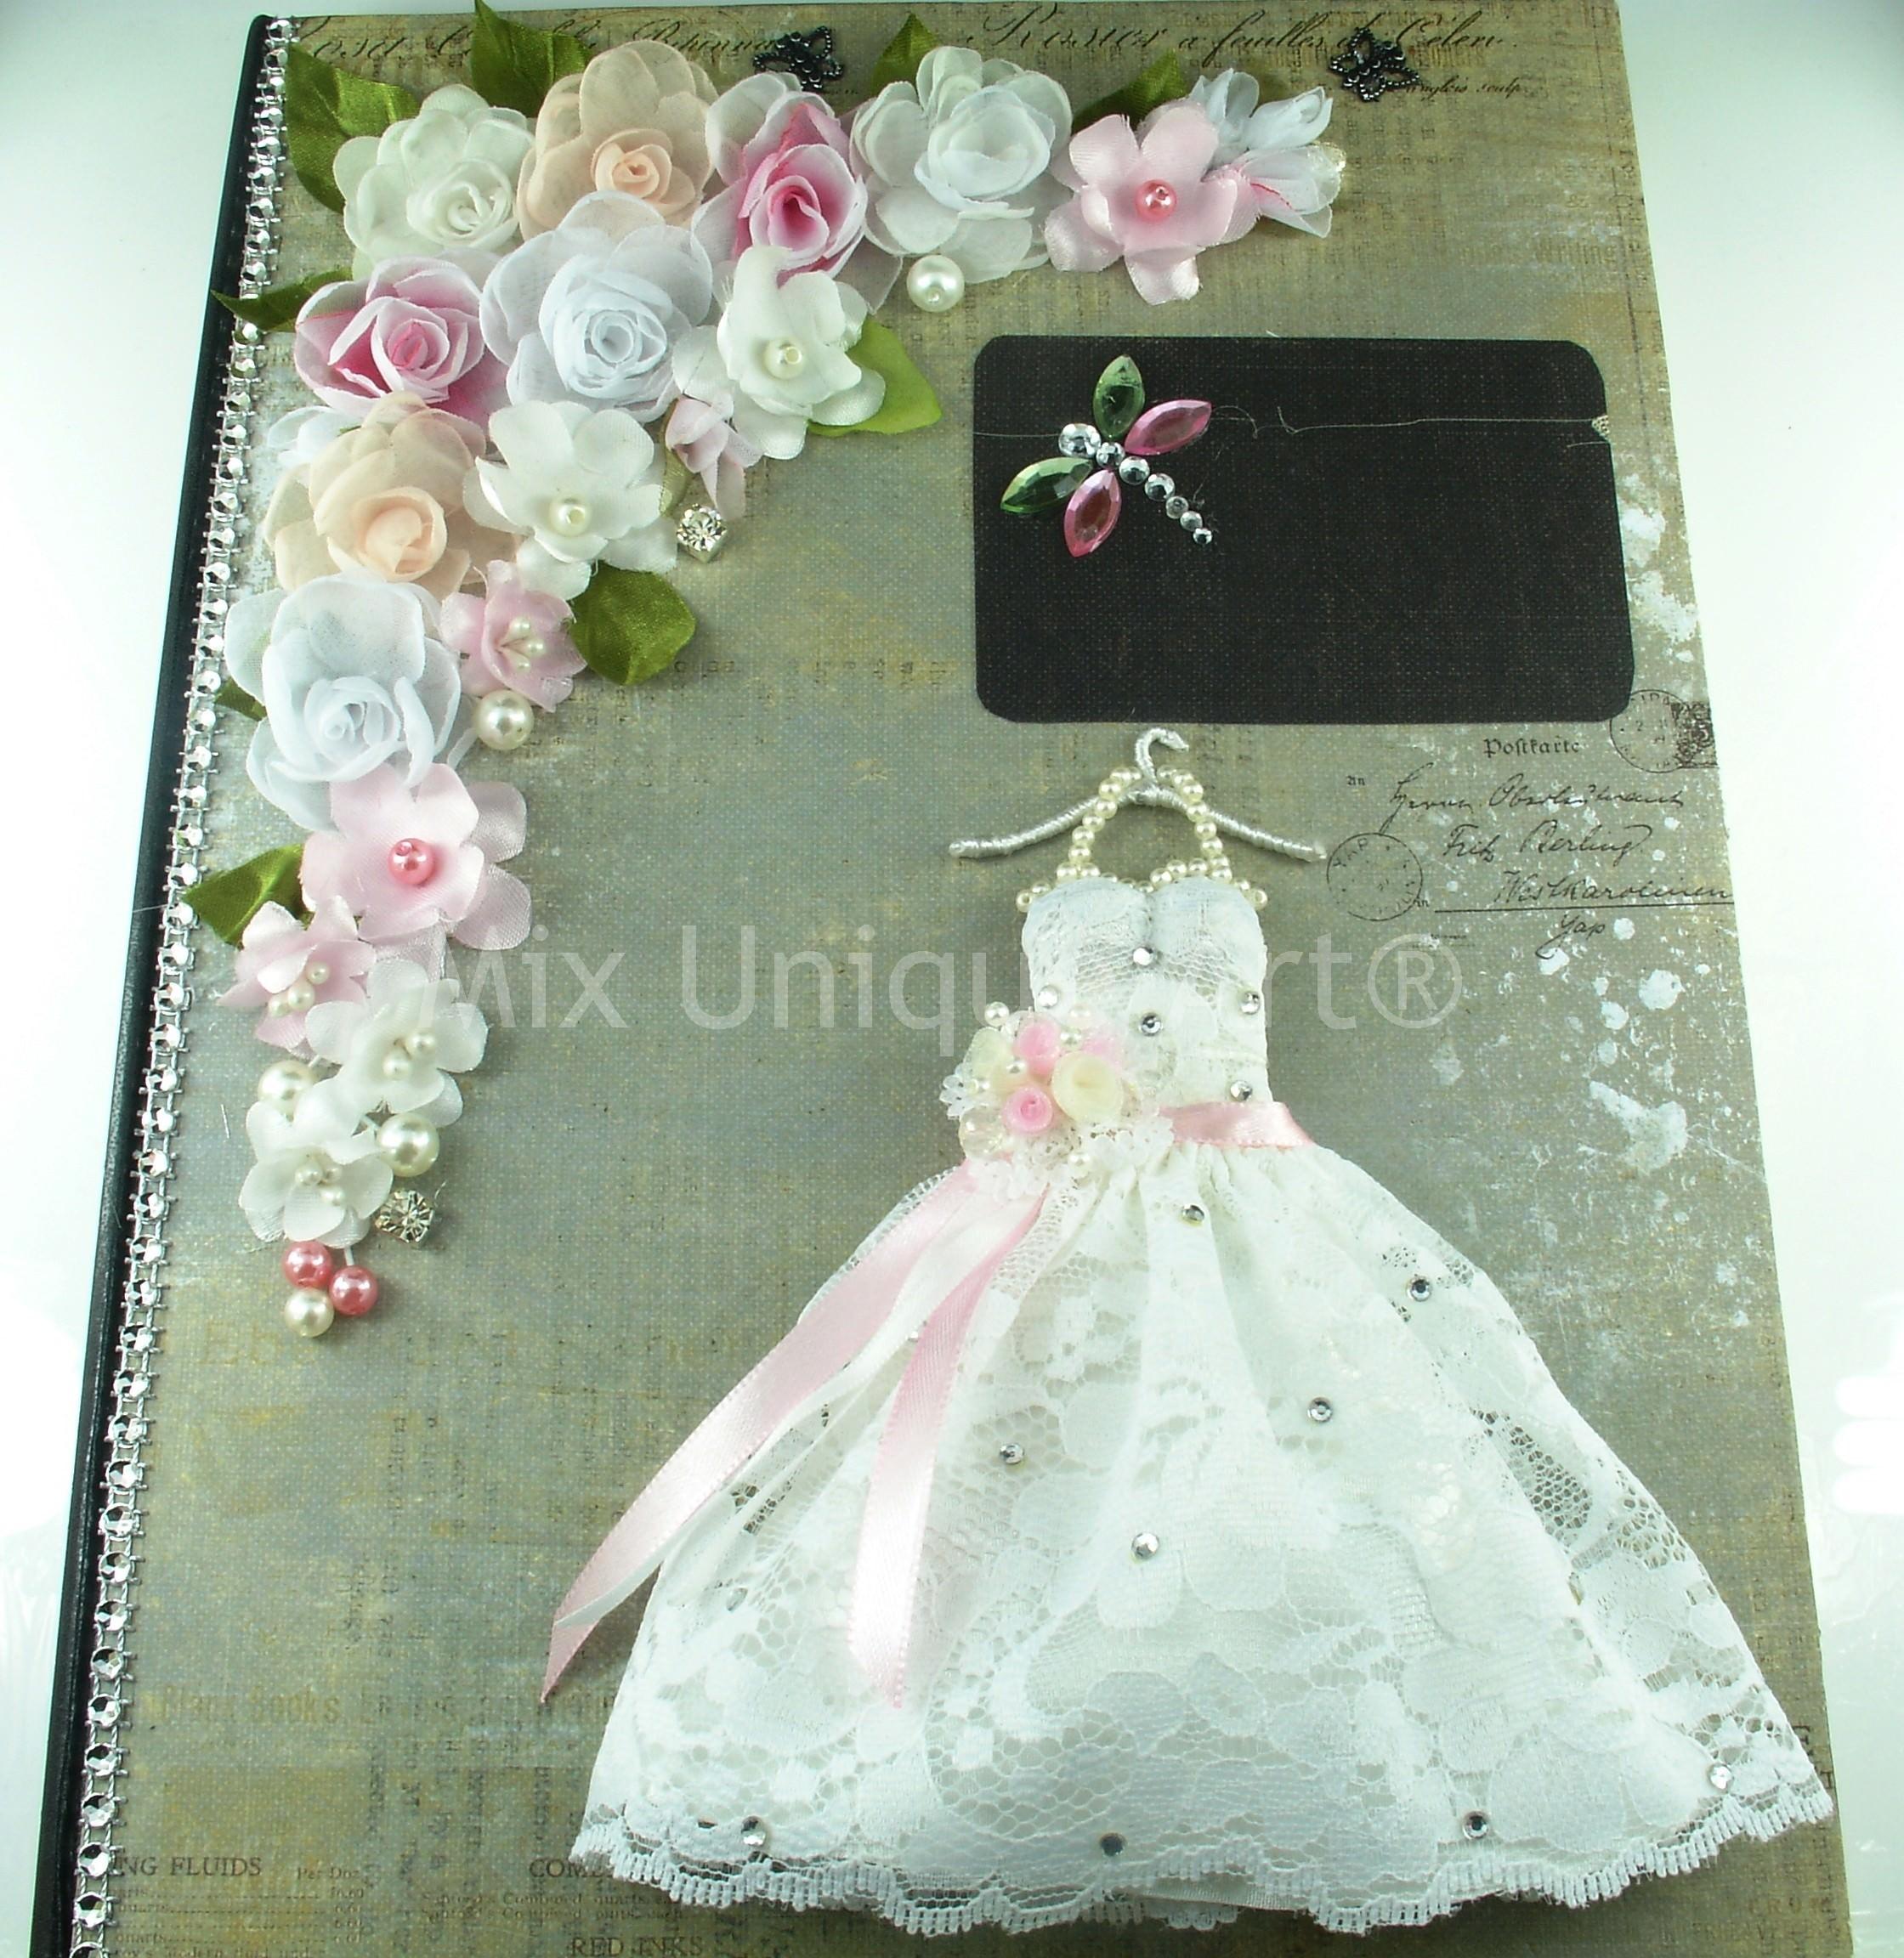 Wedding Guest Book Bride Mix Unique Art